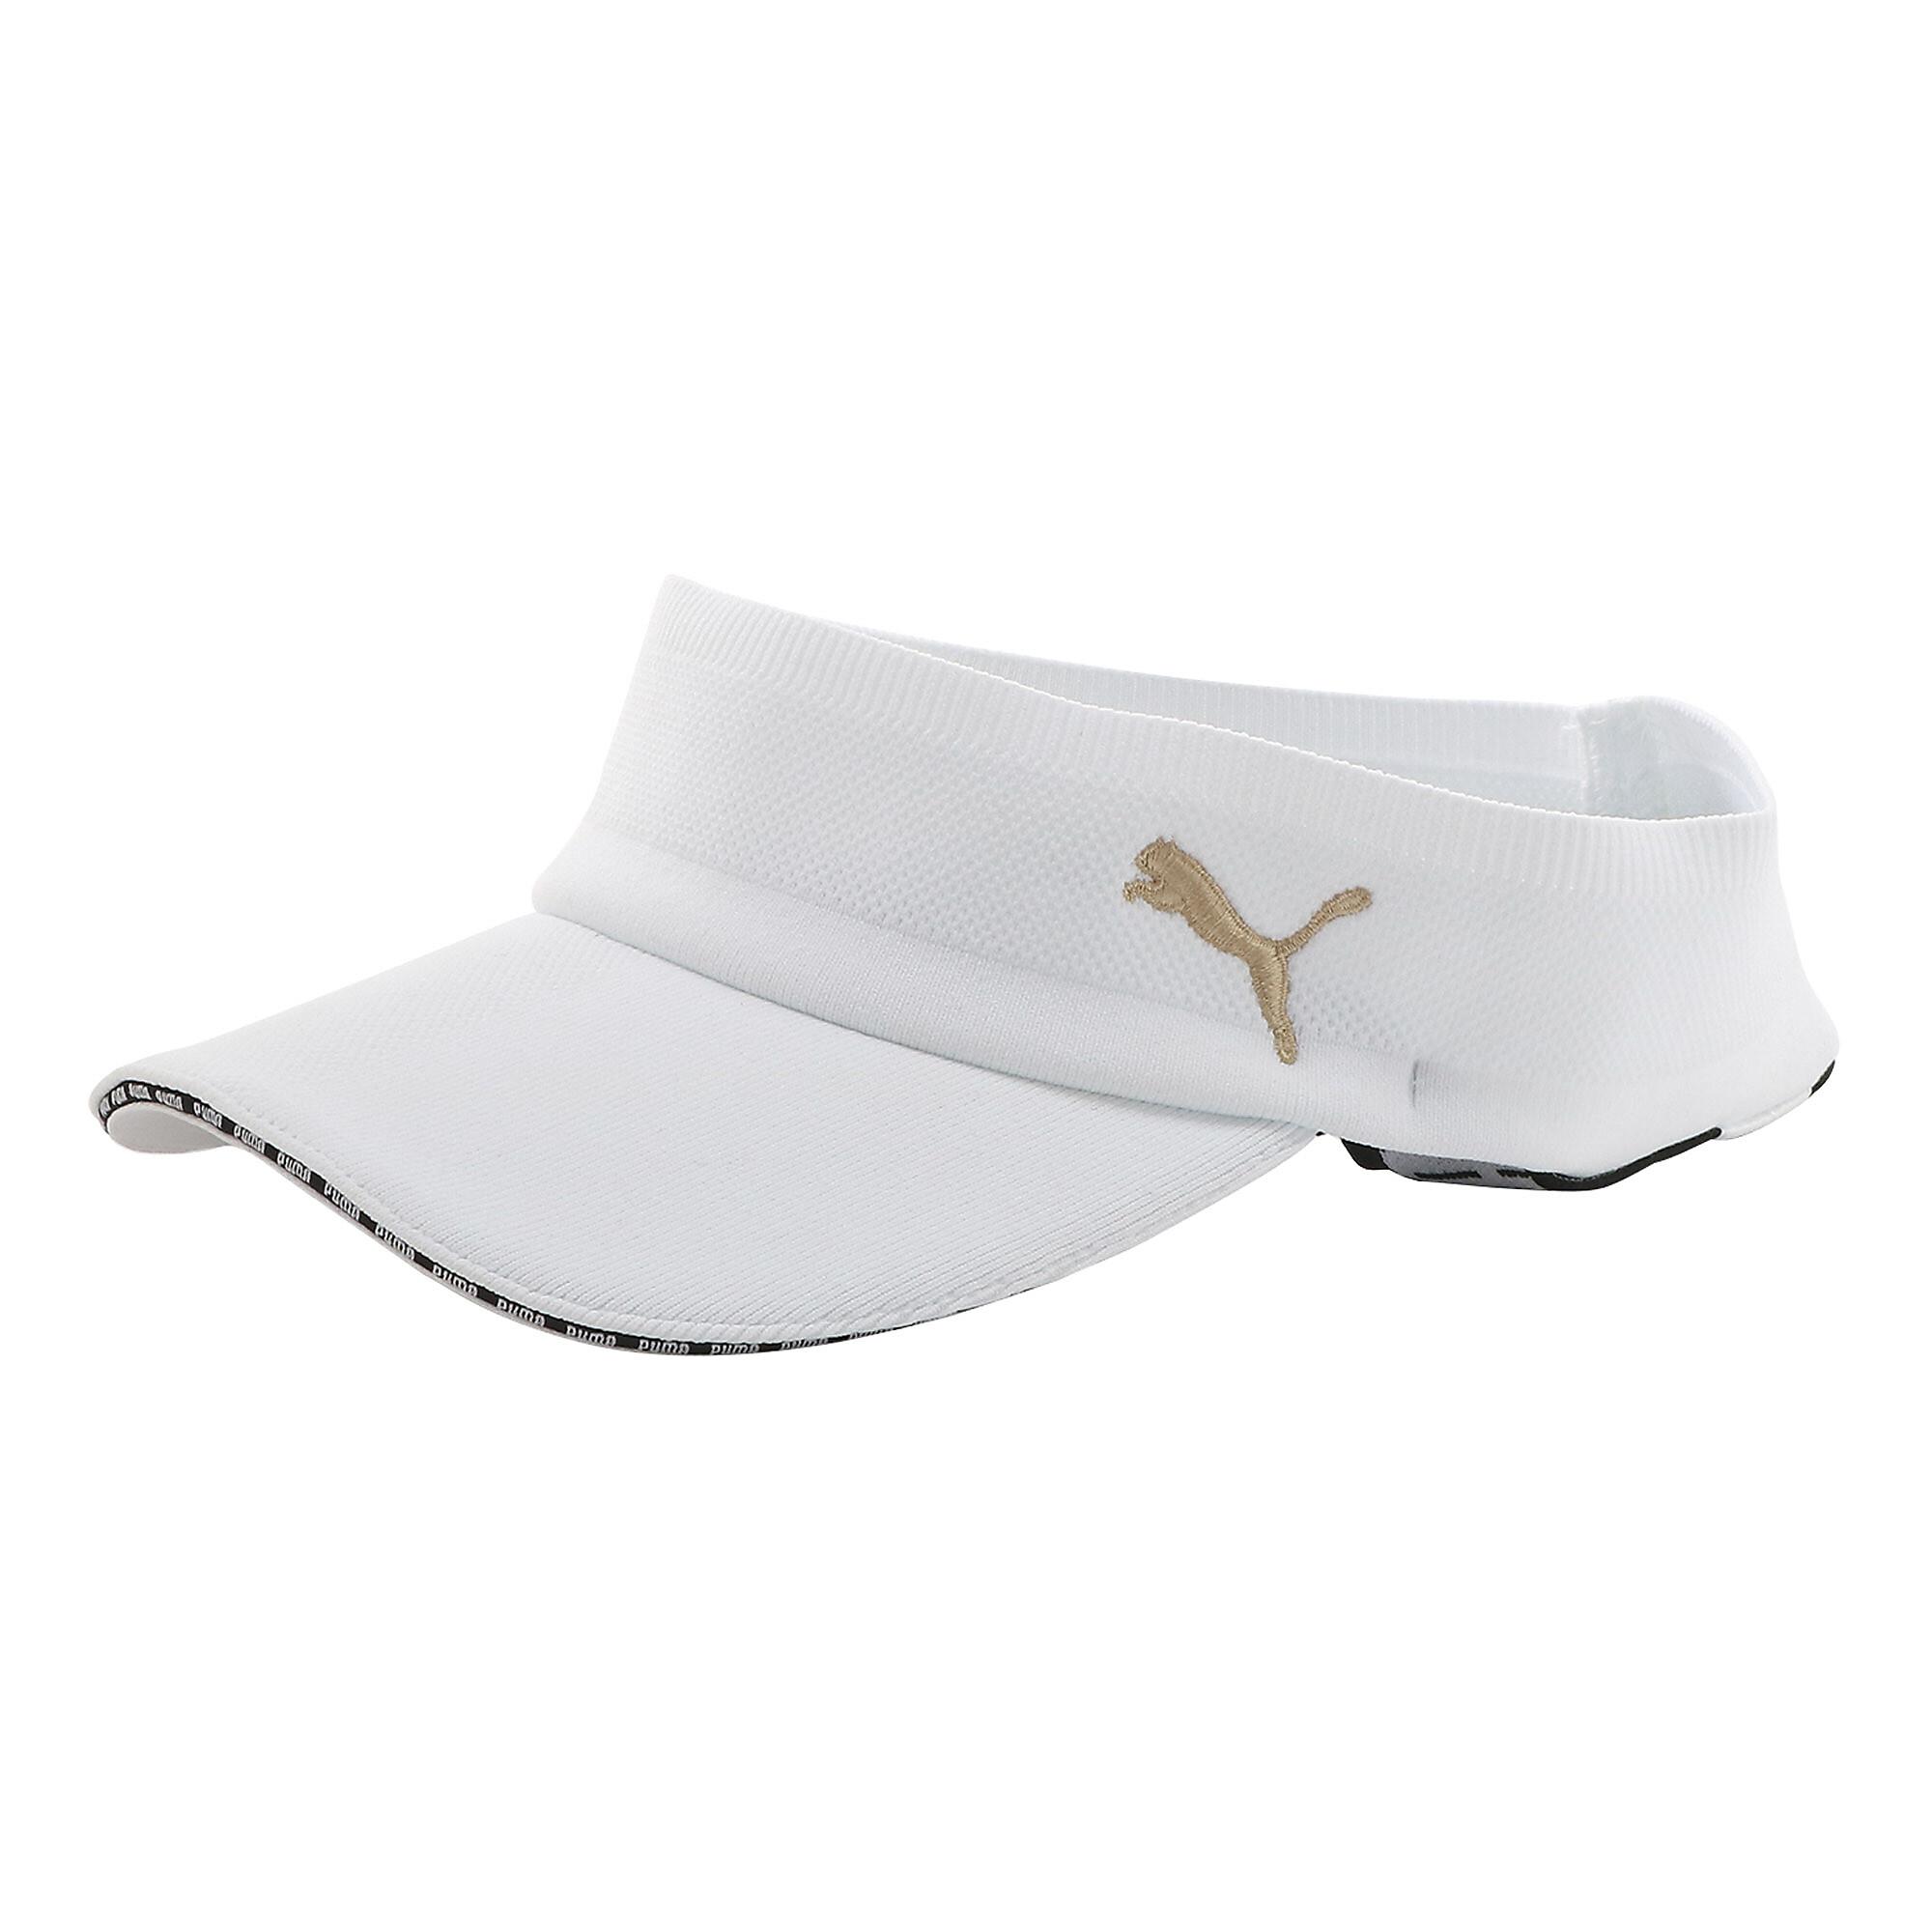 プーマ ゴルフ ウィメンズ サマーニット バイザー ウィメンズ Bright White |PUMA.com